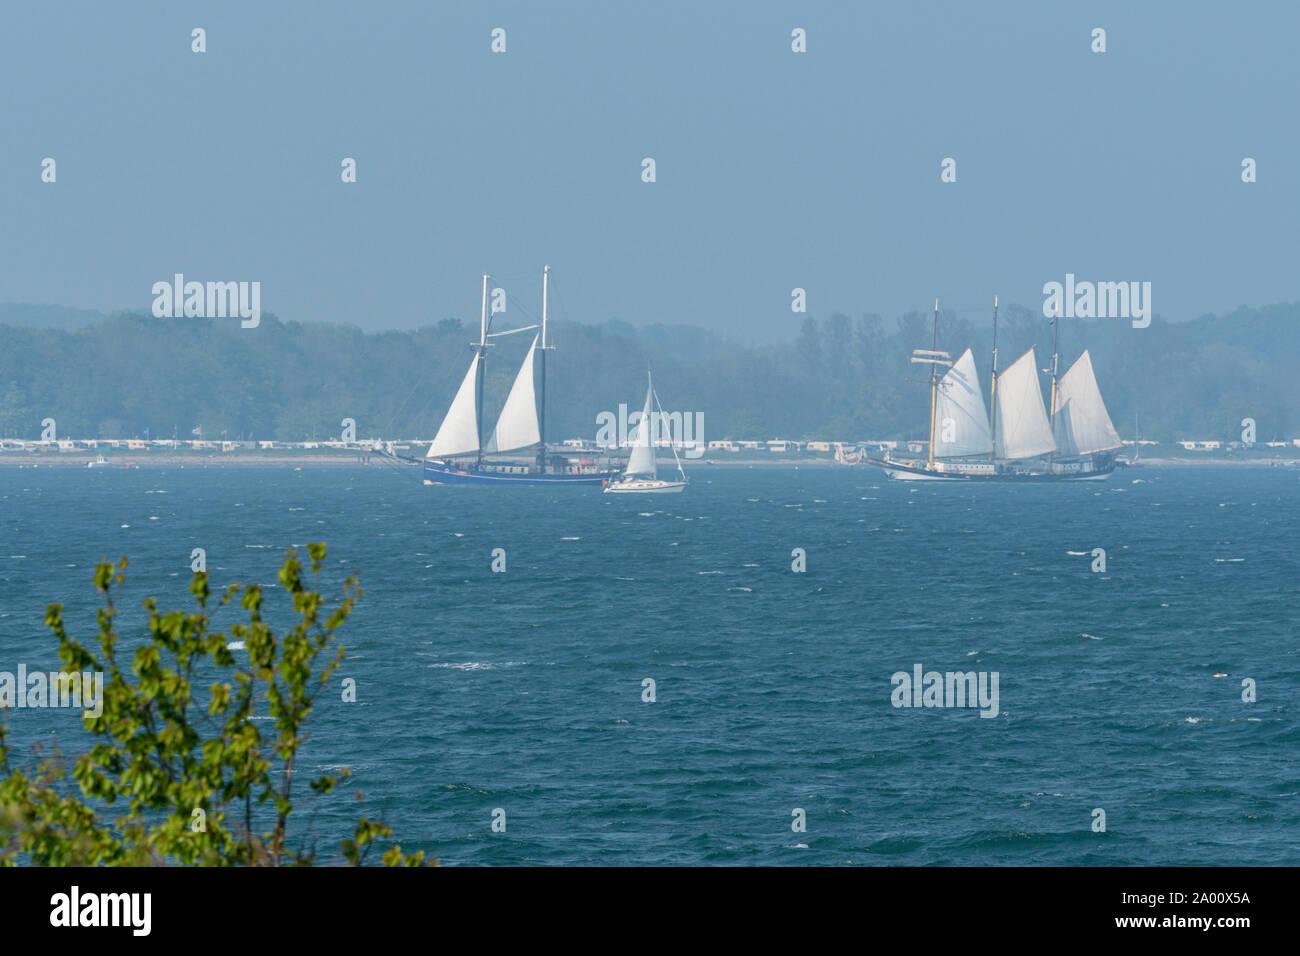 Los barcos de vela, Bahía de Eckernforde, Eckernforde, Schleswig-Holstein, Alemania Foto de stock